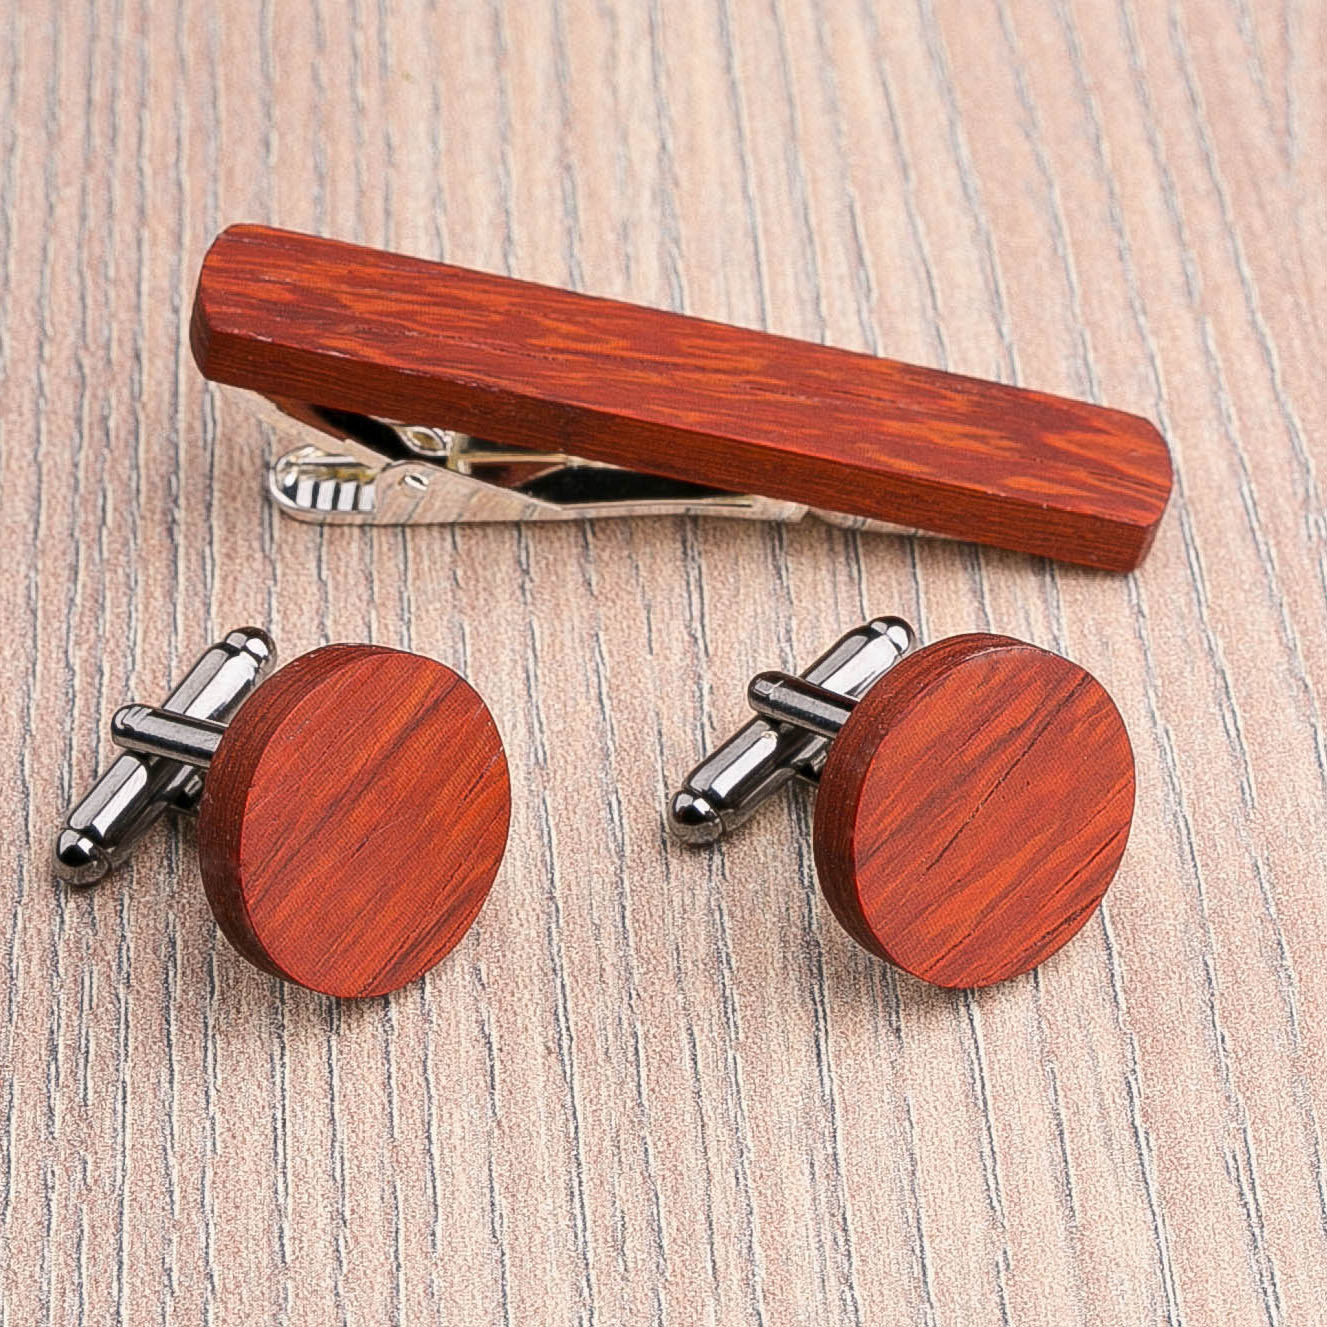 Комплект: Круглые запонки из дерева и Деревянный зажим для галстука. Массив падука. Гравировка инициалов. Упаковка в комплекте CufflinksSet-RoundPadauk